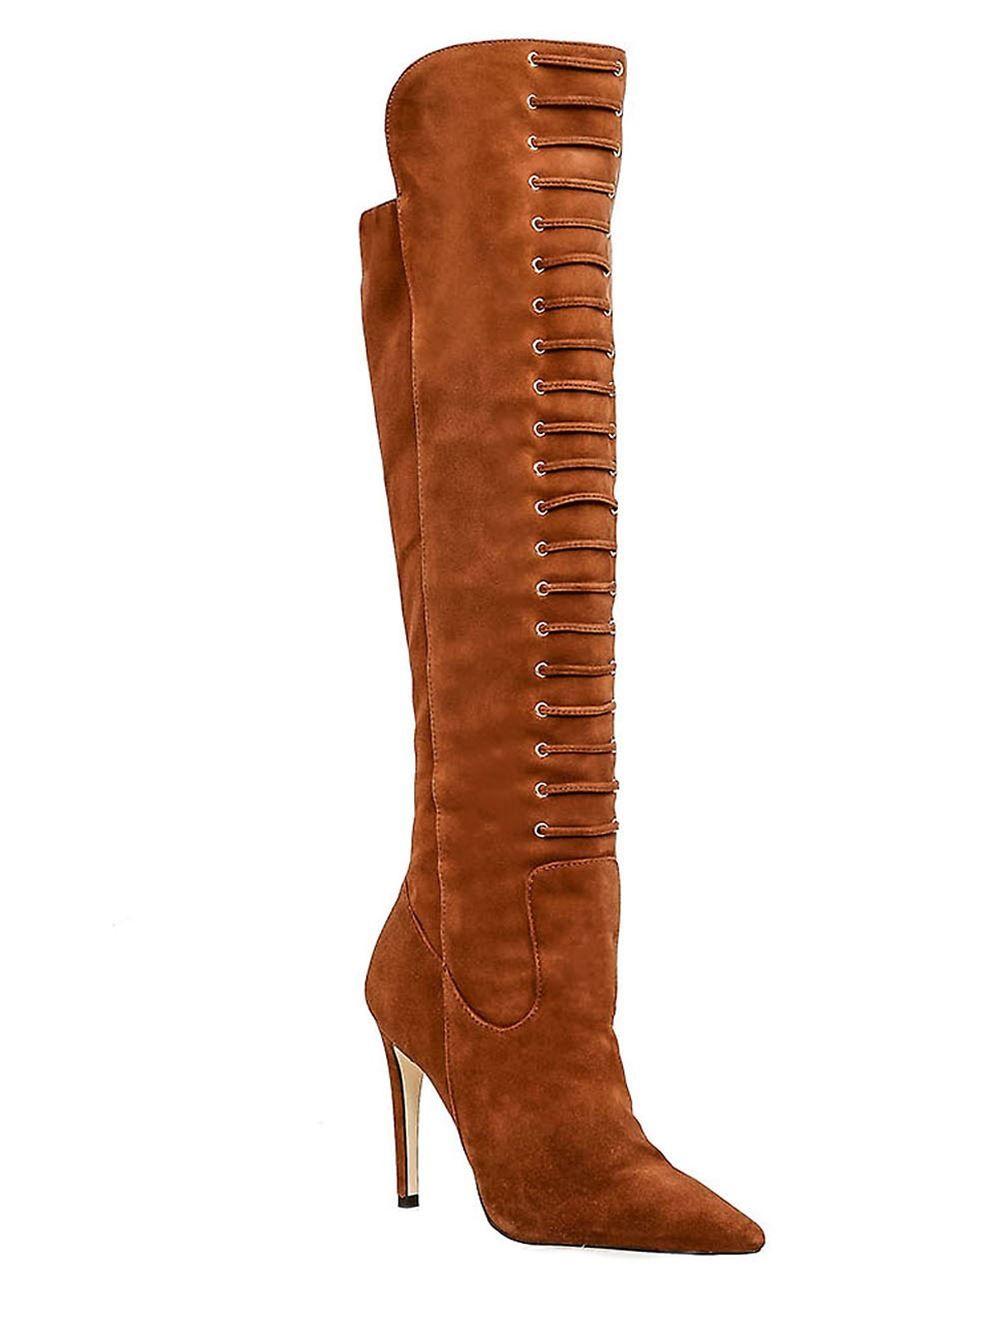 84b96dae06 bota over the knee camurça luiza barcelos - modelos de botas 2016